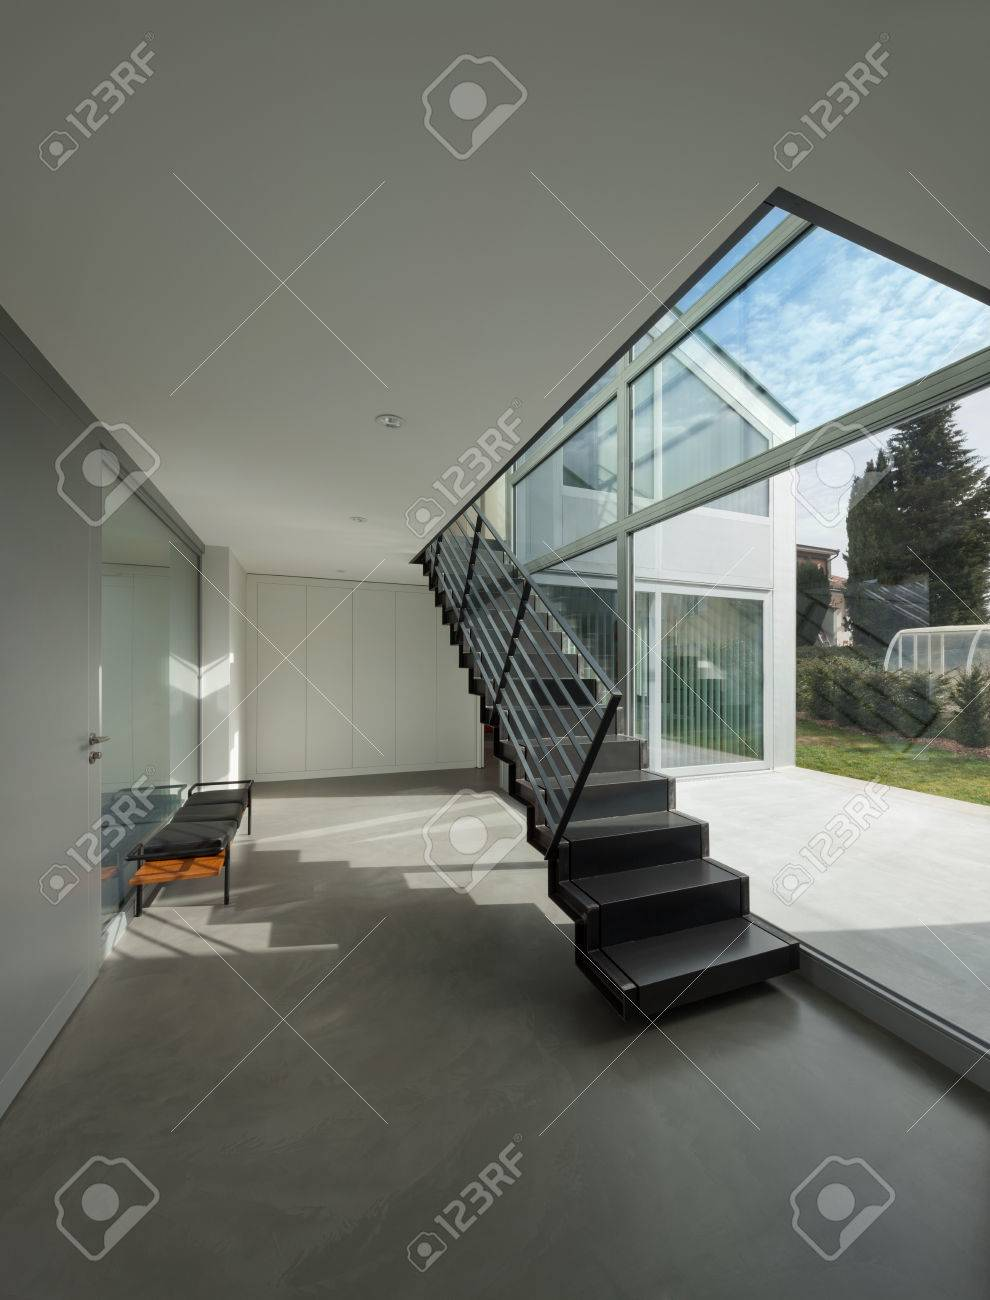 Escalier Interieur Maison Moderne intérieur, escalier en fer d'une maison moderne